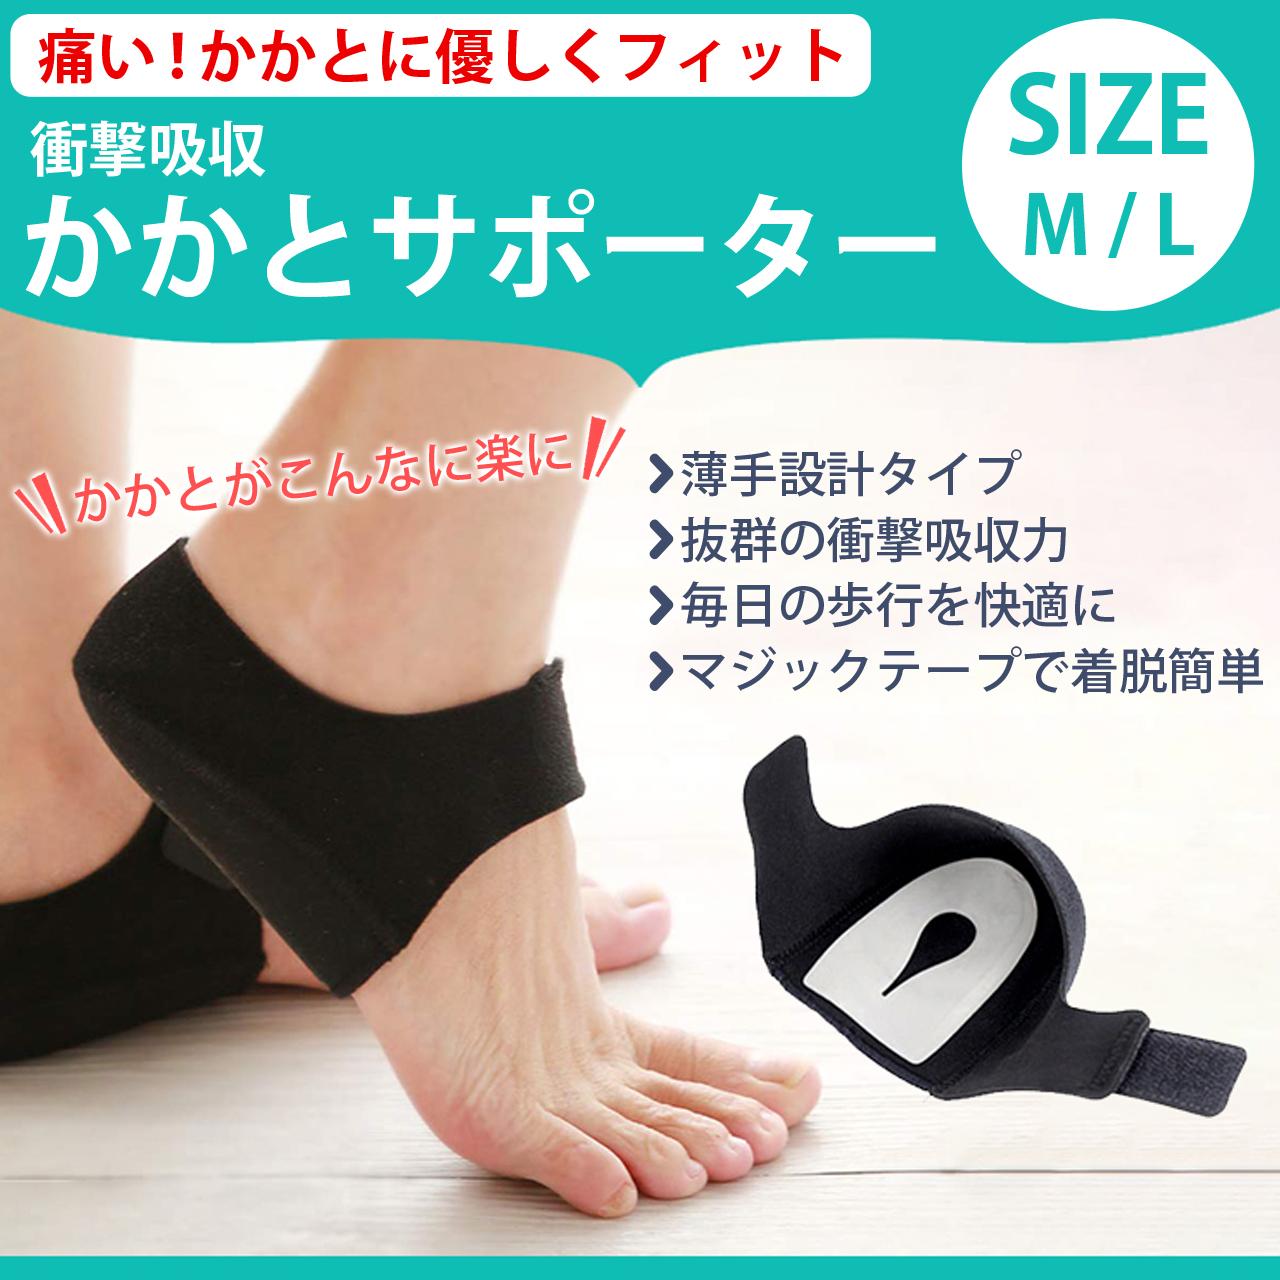 美品 痛い かかとに優しくフィット かかとパッド かかとクッション 足底筋膜炎 衝撃吸収 かかと保護 在庫限り 衝撃 インソール かかとケア サポーター